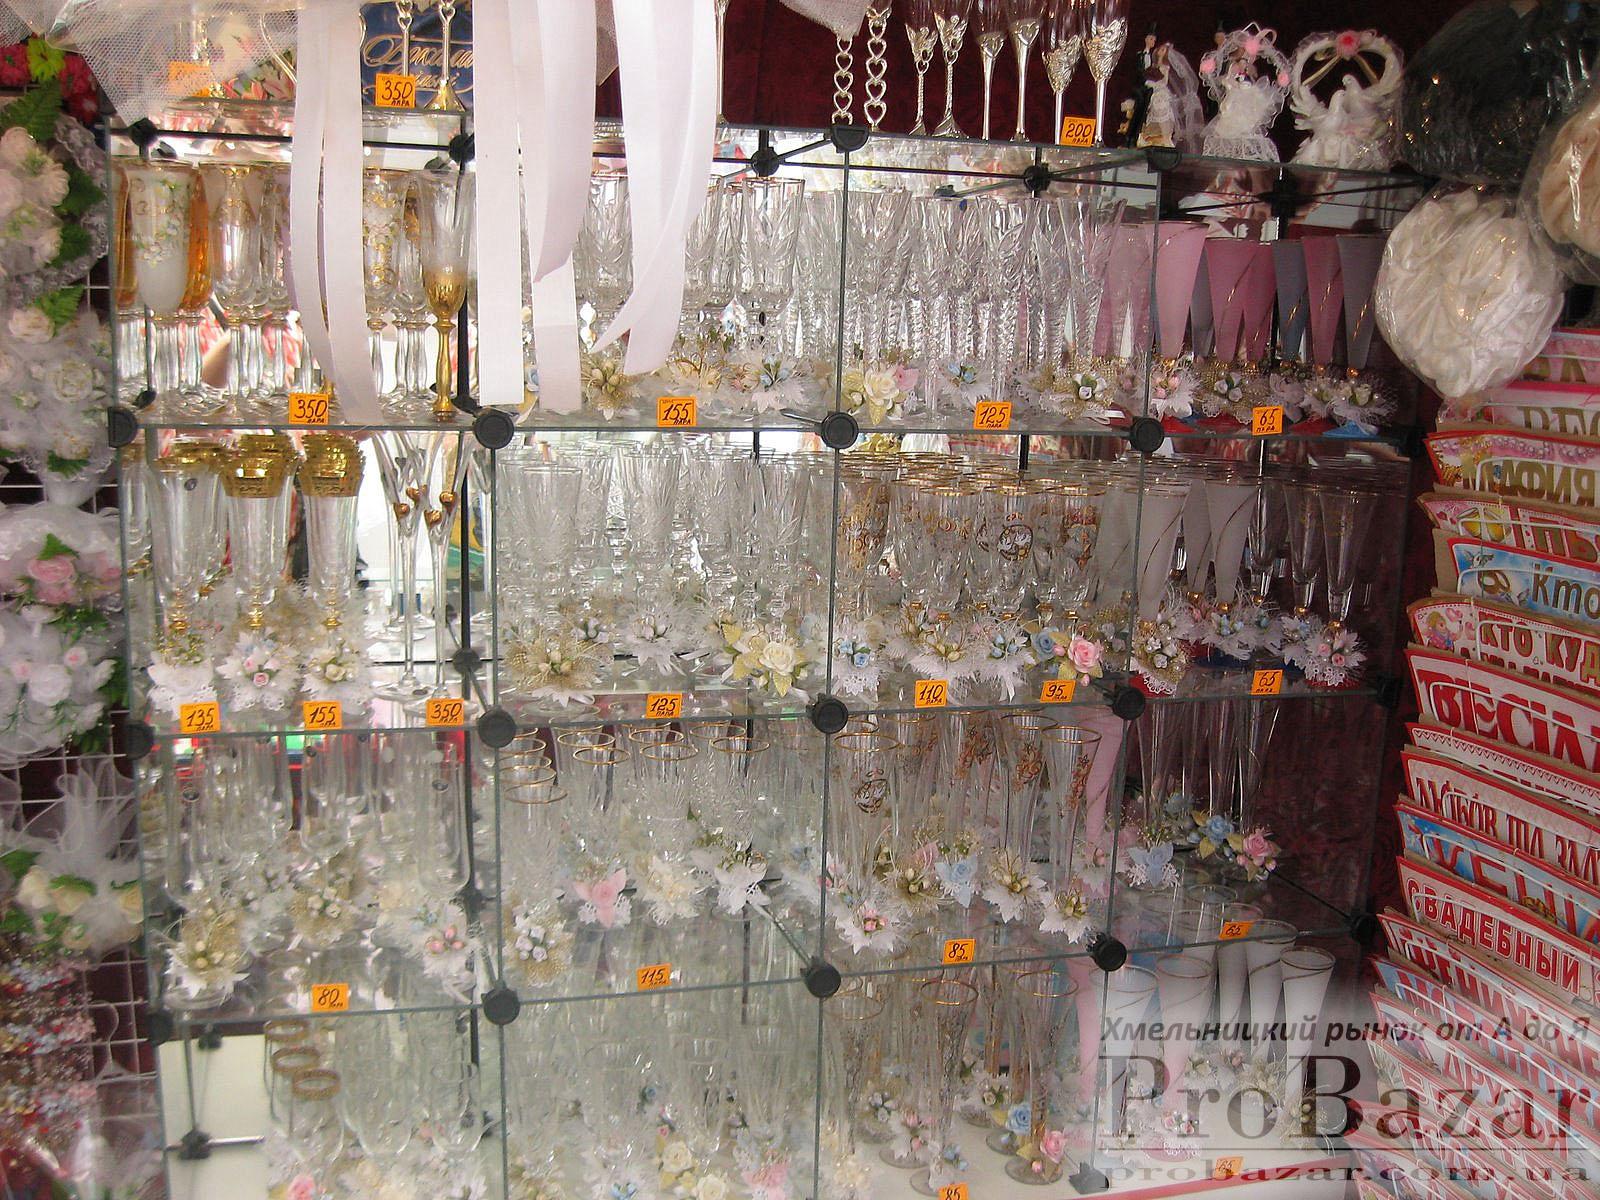 Хмельницкий рынок: свадебные бокалы